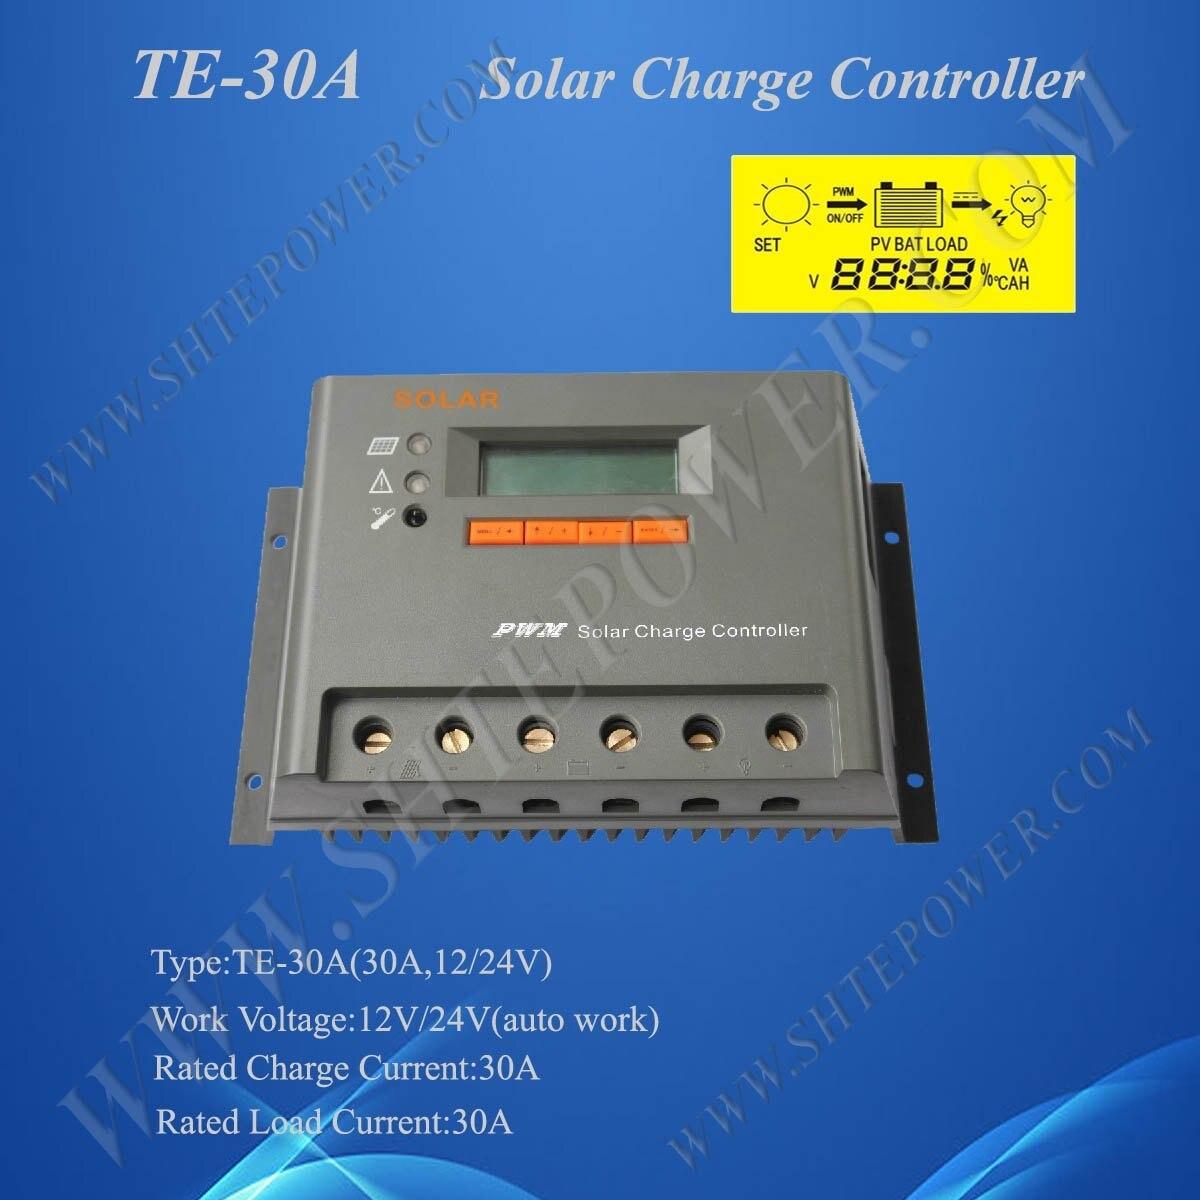 За максимальной точкой мощности, Солнечный контроллер заряда 30A, 12 V/24 V автоматическая работа Контроллер заряда для фотоэлектрических систем для Панели солнечные